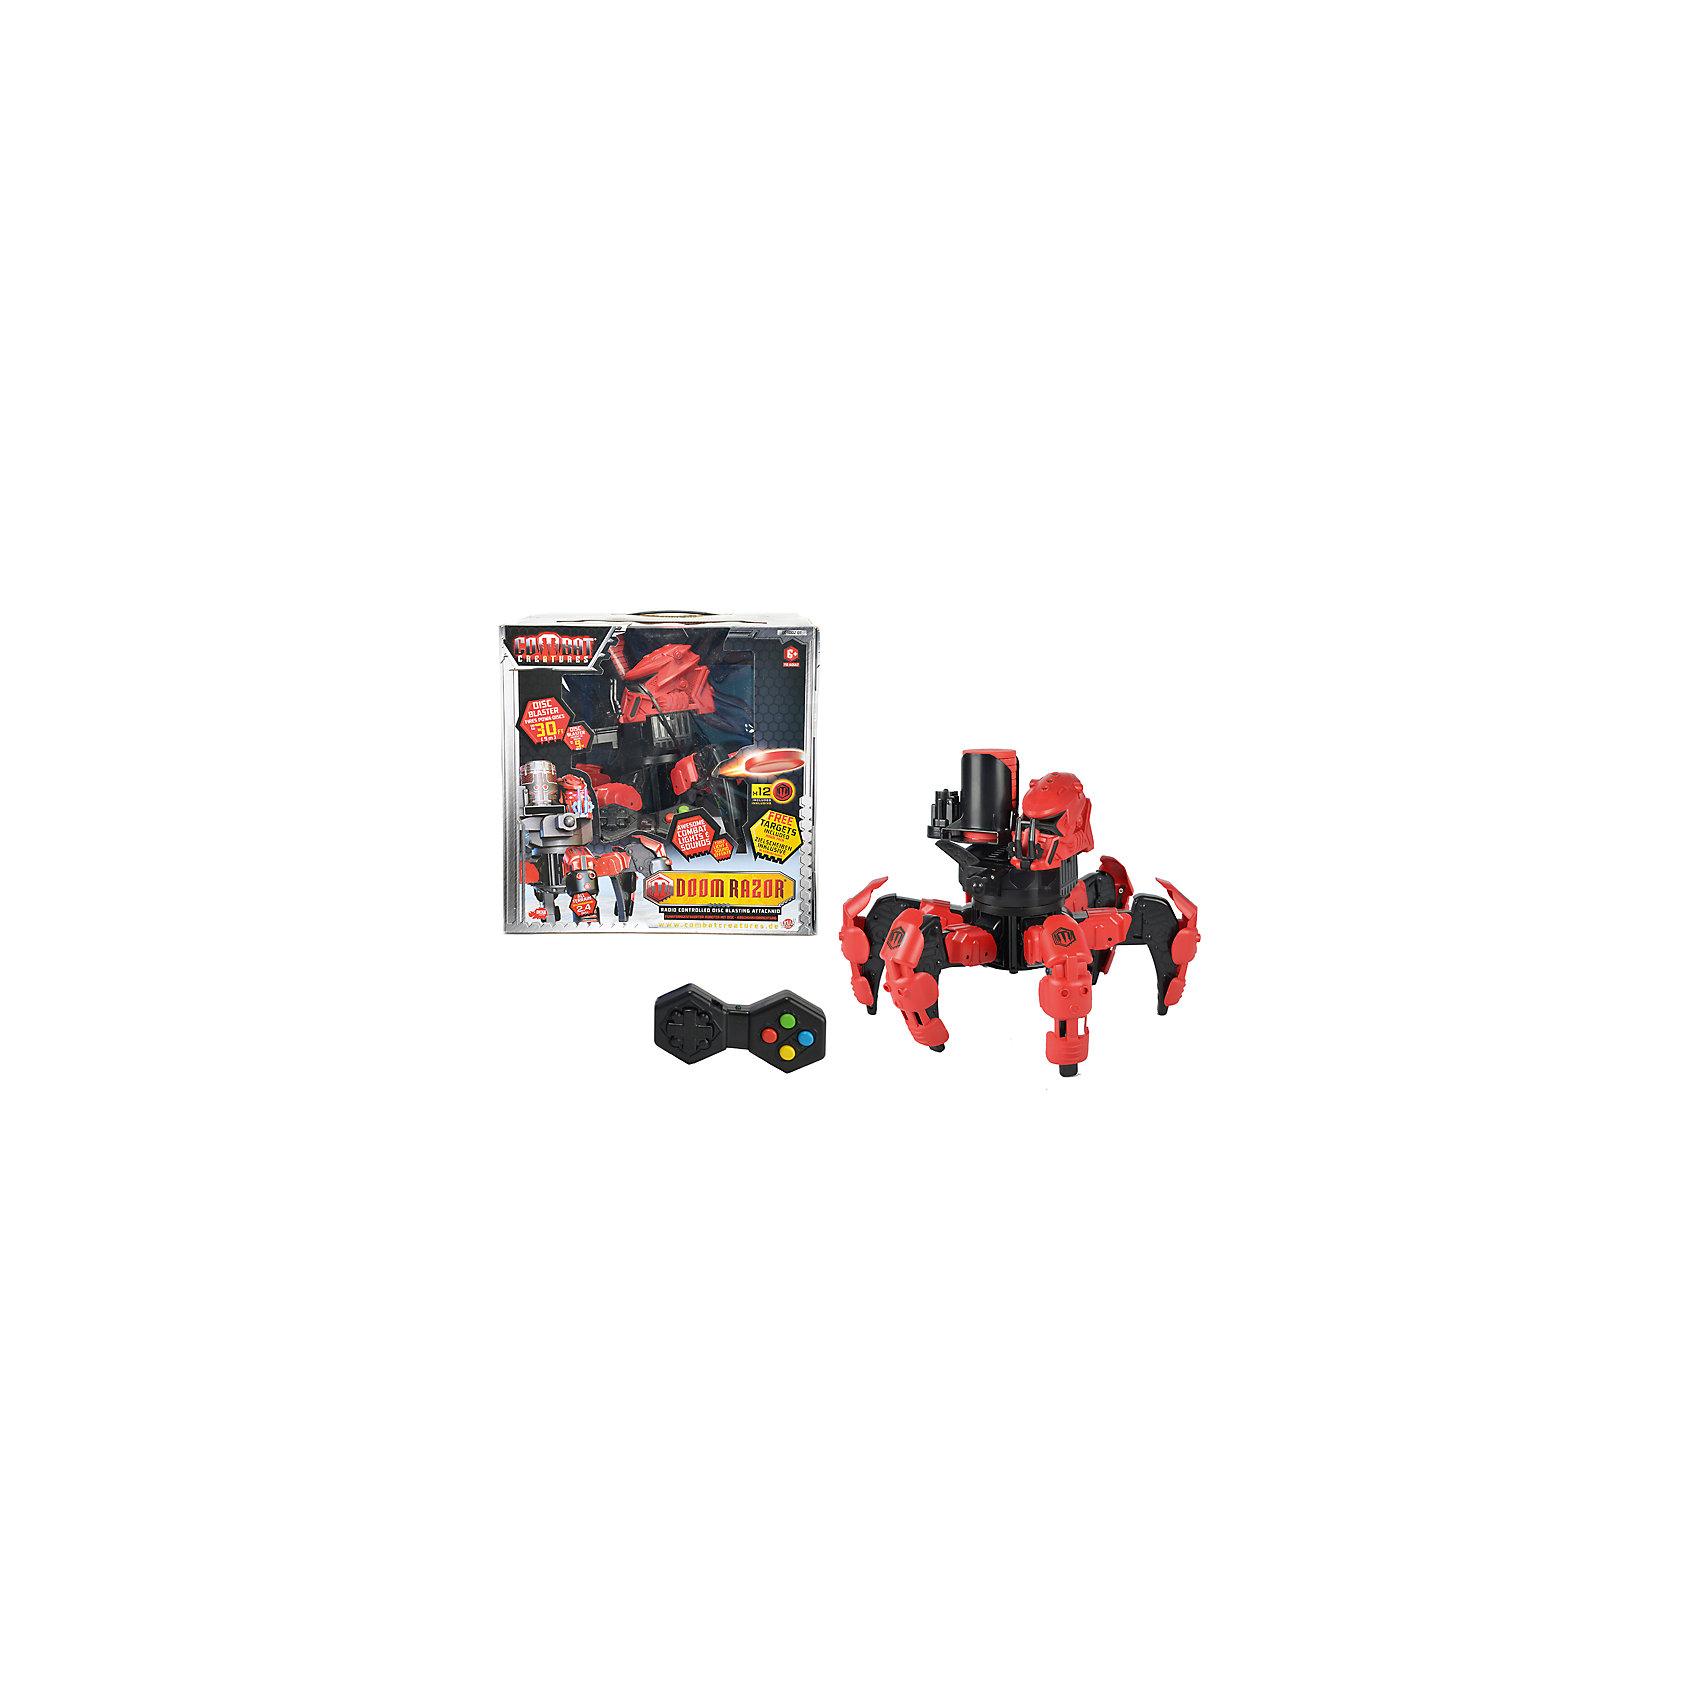 Боевой робот на р/у, DickieРоботы<br>Боевой робот - паук приведет в восторг любого мальчишку! Робот перемещается на 6-ти лапах, движение которых запрограммировано по примеру ходьбы настоящего паука. Паук атакует противника из дискового бластера с подъемным механизмом и запасом из 12-ти зарядов, которые летят точно в цель на расстоянии до 9 метров. Заряды изготовлены из вспененного полимера — они абсолютно не травматичны и безопасны для играющих детей. Для ночных боев предусмотрена зловещая красная подсветка. Робот оборудован счетчиком жизни и башней с «электронным мозгом». Жизней у него всего 3 - для того. чтобы победить паука, необходимо 3 раза попасть по мишени на башне.<br>Бластер и башня поворачиваются на 360 градусов, контролируя обстановку вокруг. Взаимодействие с роботом возможно в игровом - тренировочном, и боевом режиме. Игрушка выполнена из прочных экологичных материалов, в производстве которых использованы нетоксичные, безопасные красители. <br><br>Дополнительная информация:<br><br>- Материал: пластик, металл.<br>- Размер: 25 см.<br>- Дисковый бластер с 12-ю зарядами.<br>- Дальность стрельбы: до 9 метров.<br>- Световые, звуковые эффекты. <br>- Комплектация: робот, пульт ДУ, инструкция. <br>- Дальность действия: пульта р/у: до 92 м.<br>- Бластер и башня поворачиваются на 360 градусов.<br>- Элемент питания: 6 АА батареек (в комплекте).<br><br>Боевого робота на р/у, Dickie (Дикки), можно купить в нашем магазине.<br><br>Ширина мм: 377<br>Глубина мм: 347<br>Высота мм: 363<br>Вес г: 2422<br>Возраст от месяцев: 36<br>Возраст до месяцев: 72<br>Пол: Мужской<br>Возраст: Детский<br>SKU: 3167807